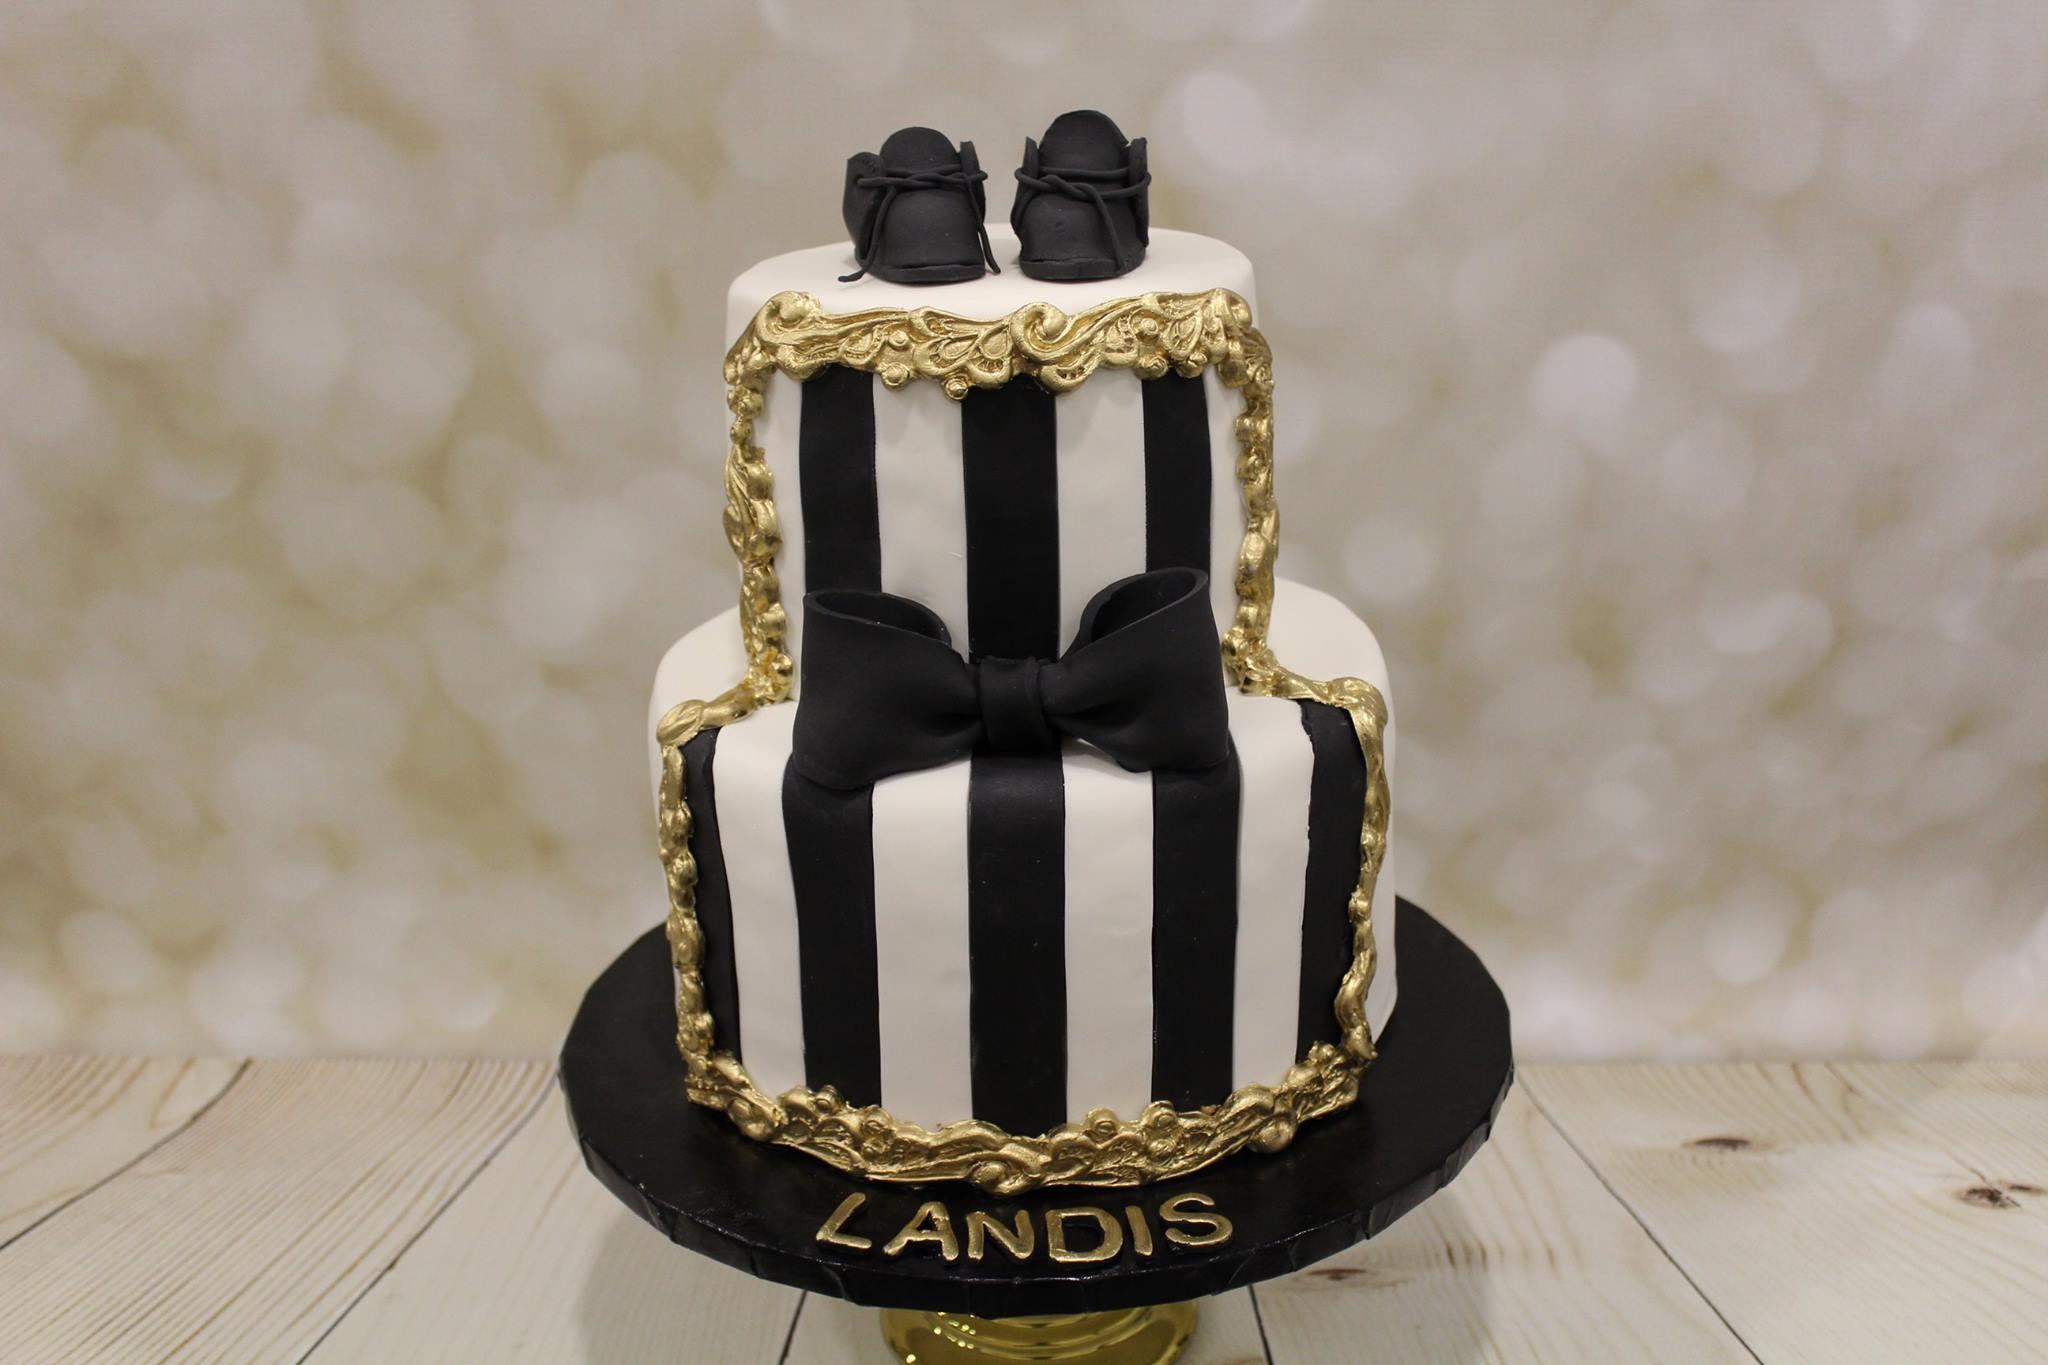 Black and white baby cake